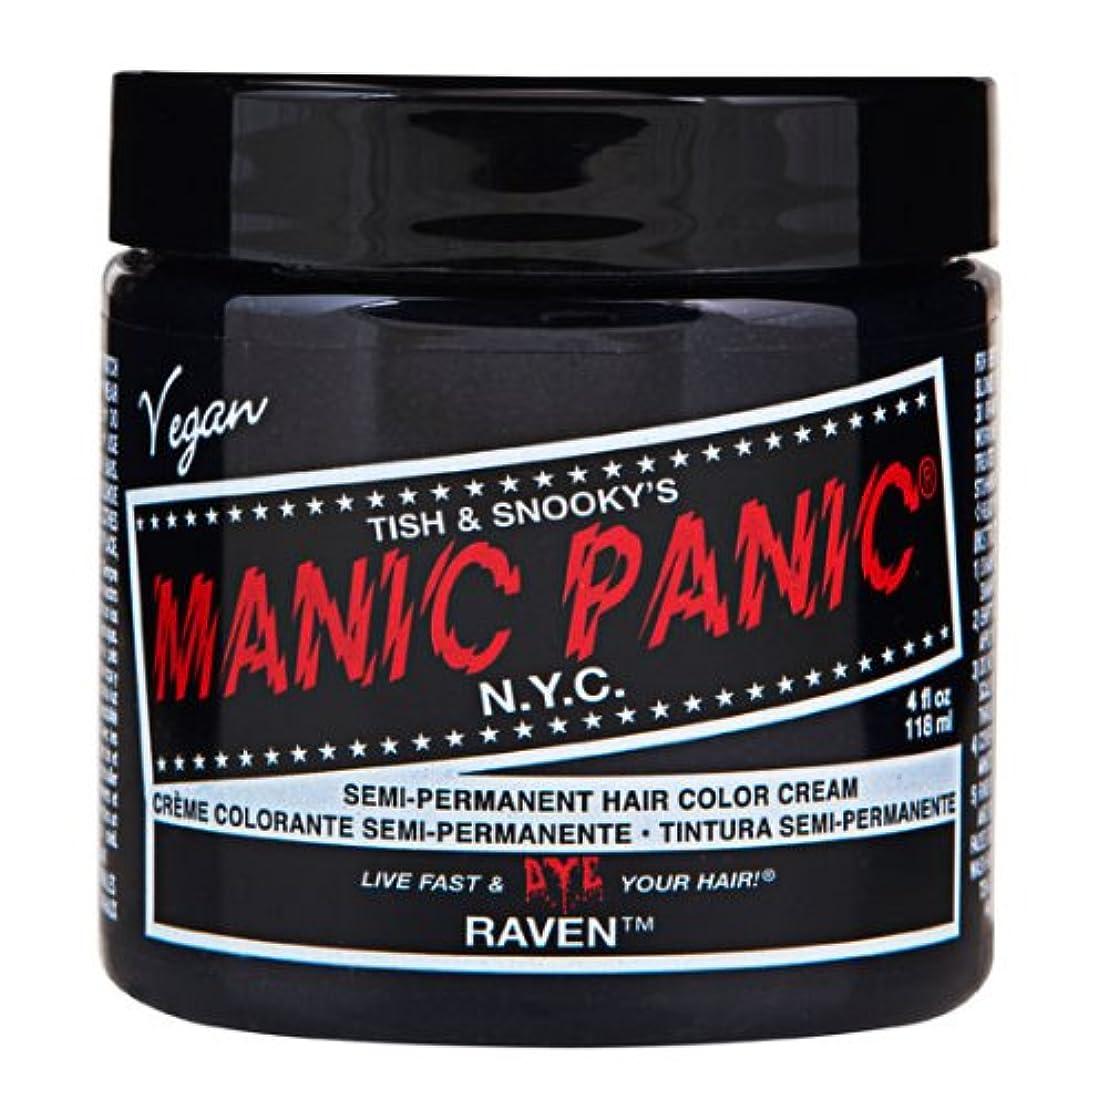 植物学者サービス思想スペシャルセットMANIC PANICマニックパニック:Raven (レイヴァン)+ヘアカラーケア4点セット